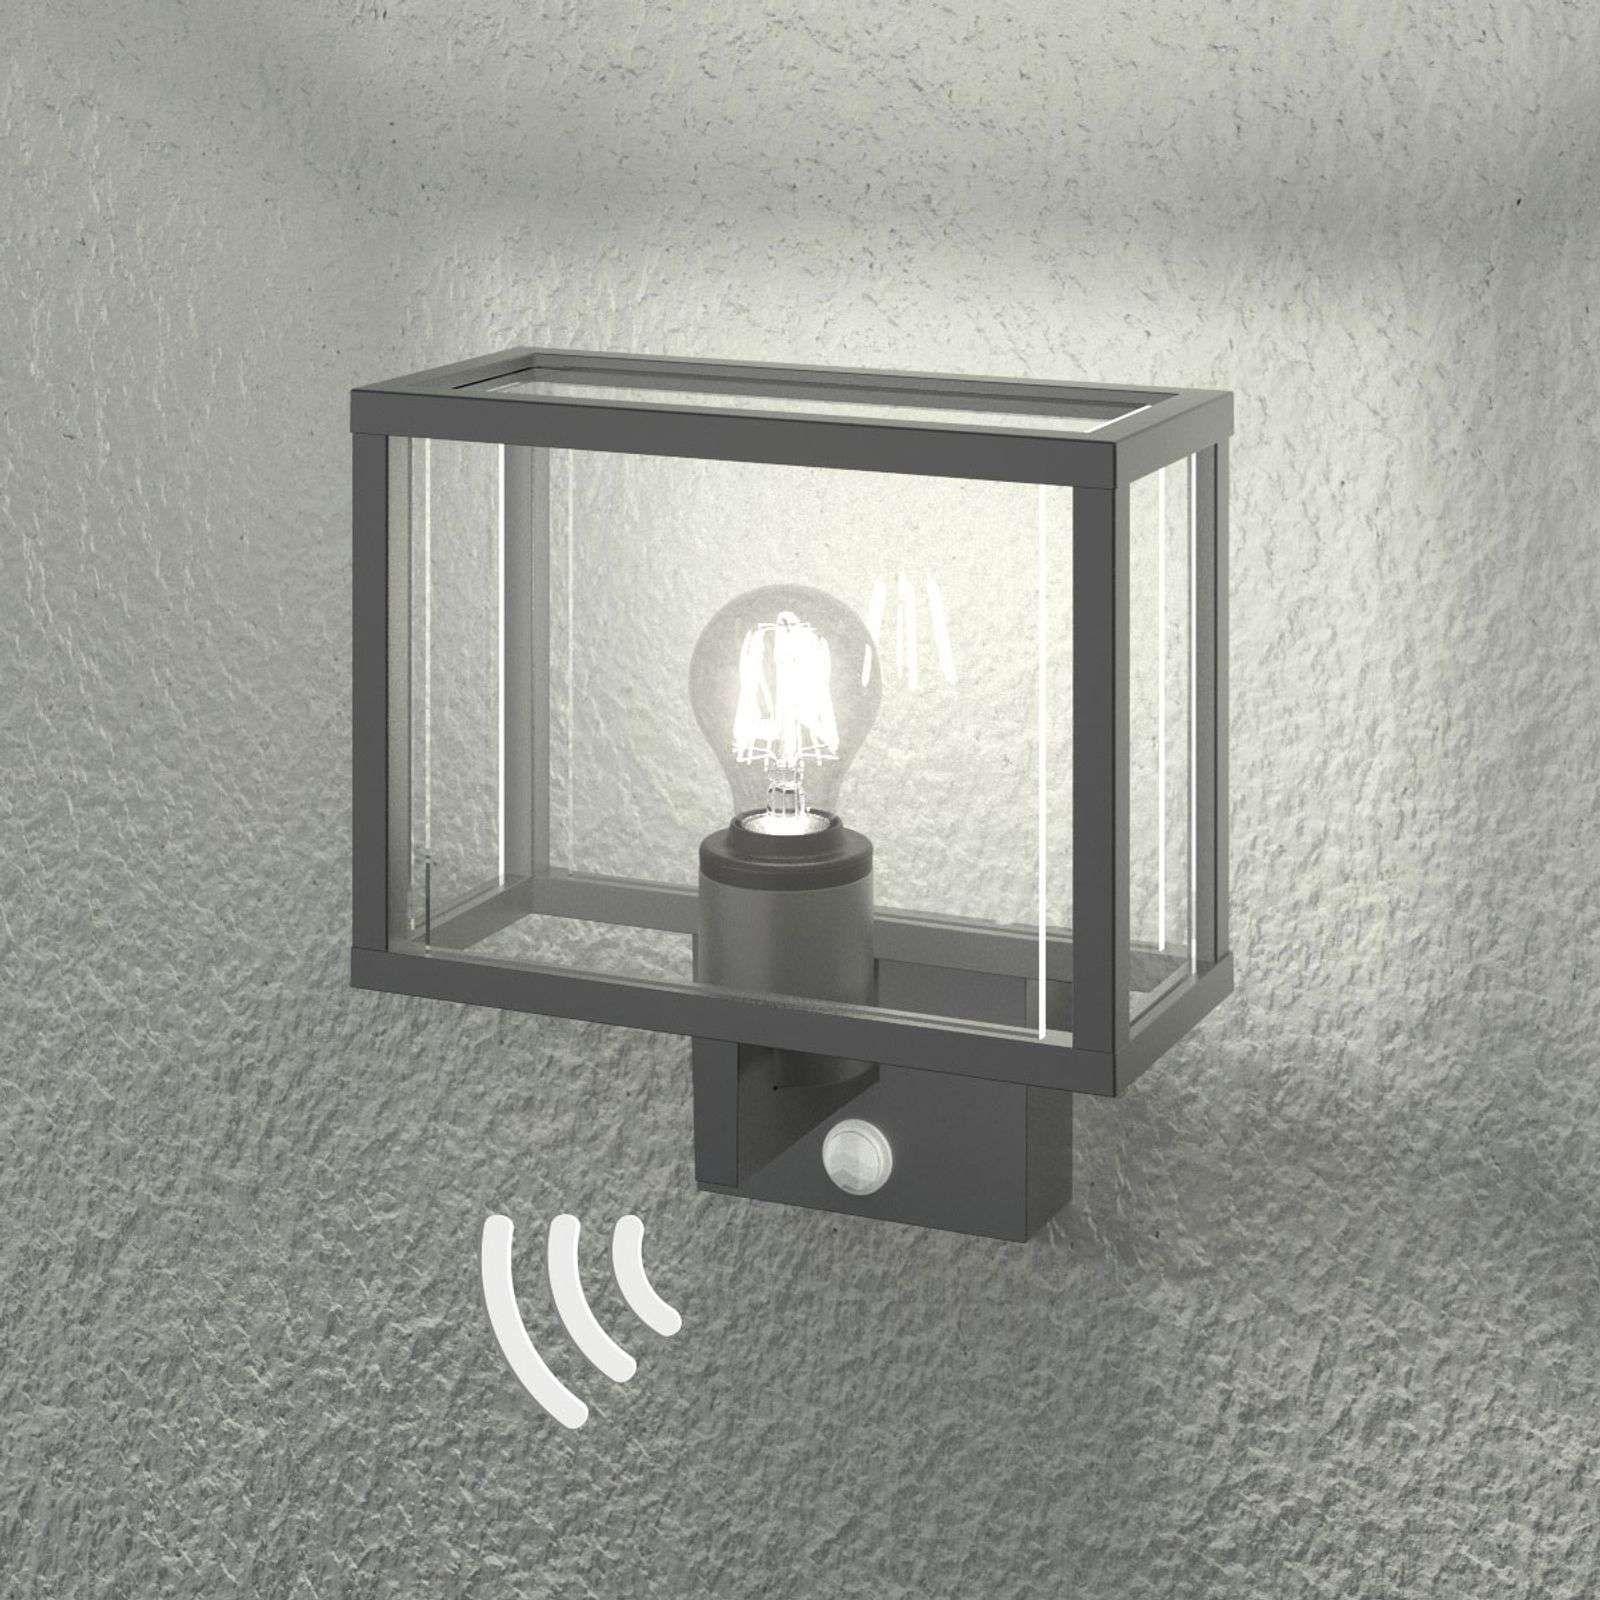 Modelos De Lamparas De Techo Lamparas De Techo Y Pared Lampara Moderna Para Sala Lamparas D Lamparas De Pared Modernas Lámpara De Pared Lámparas Modernas